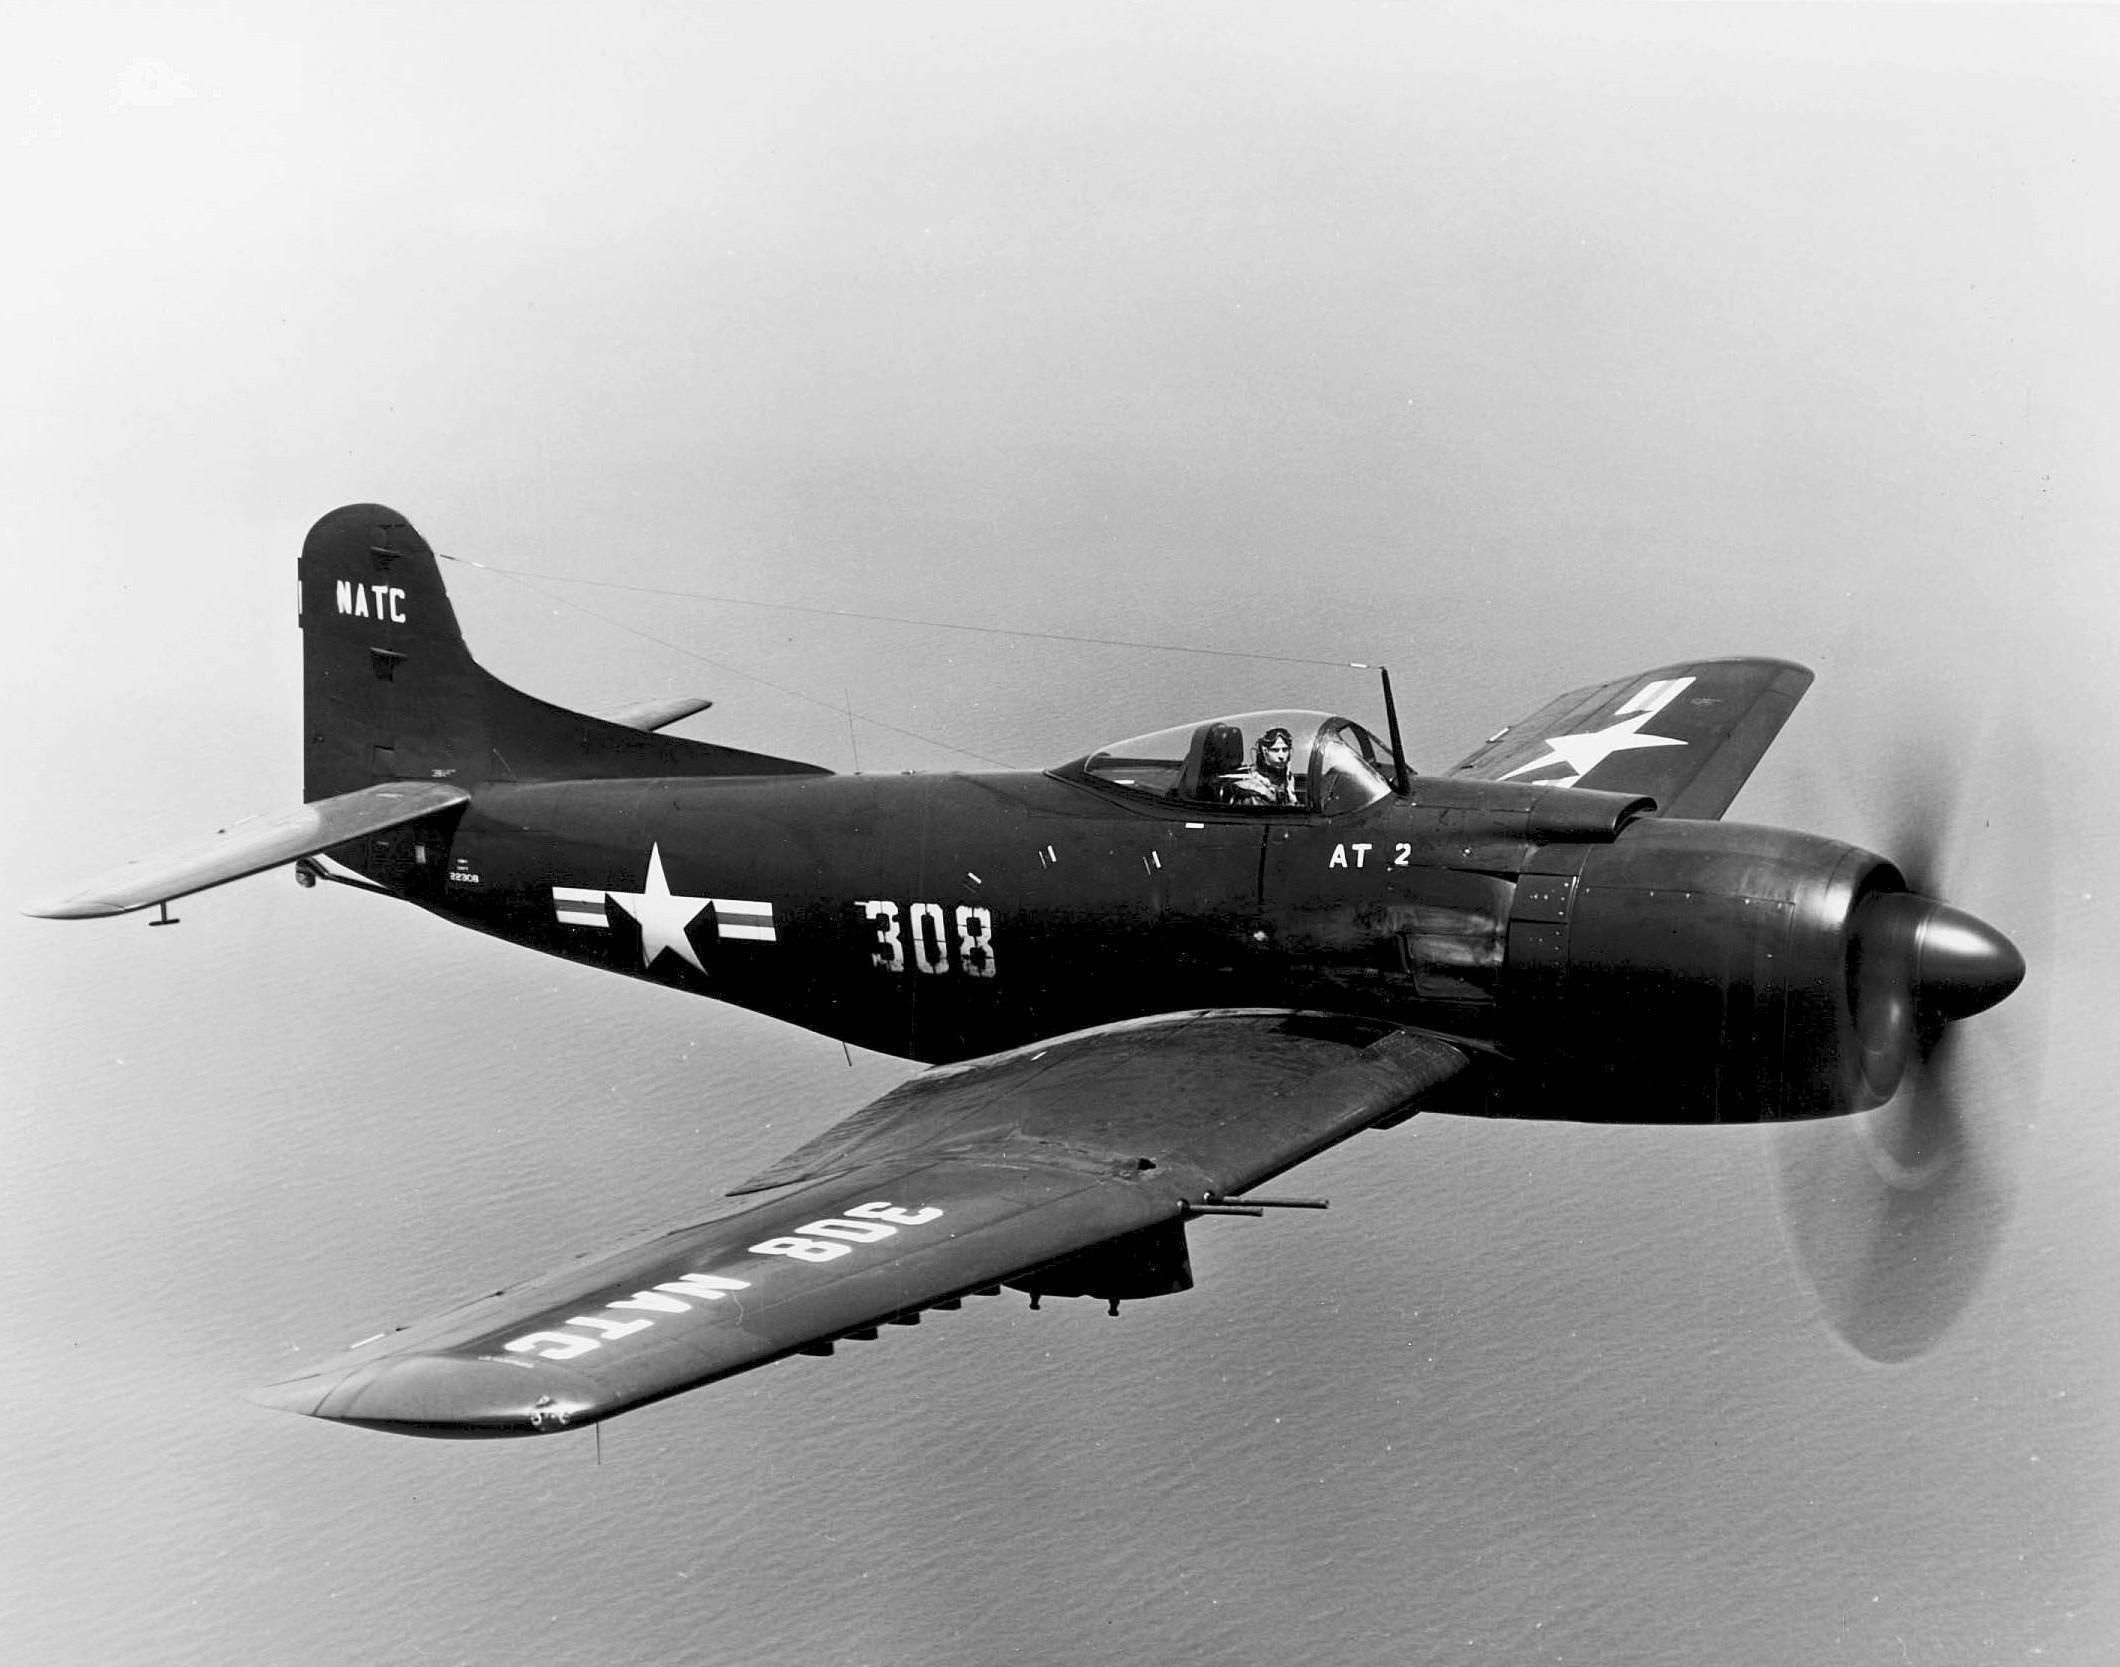 Martin_AM-1_NATC_in_flight